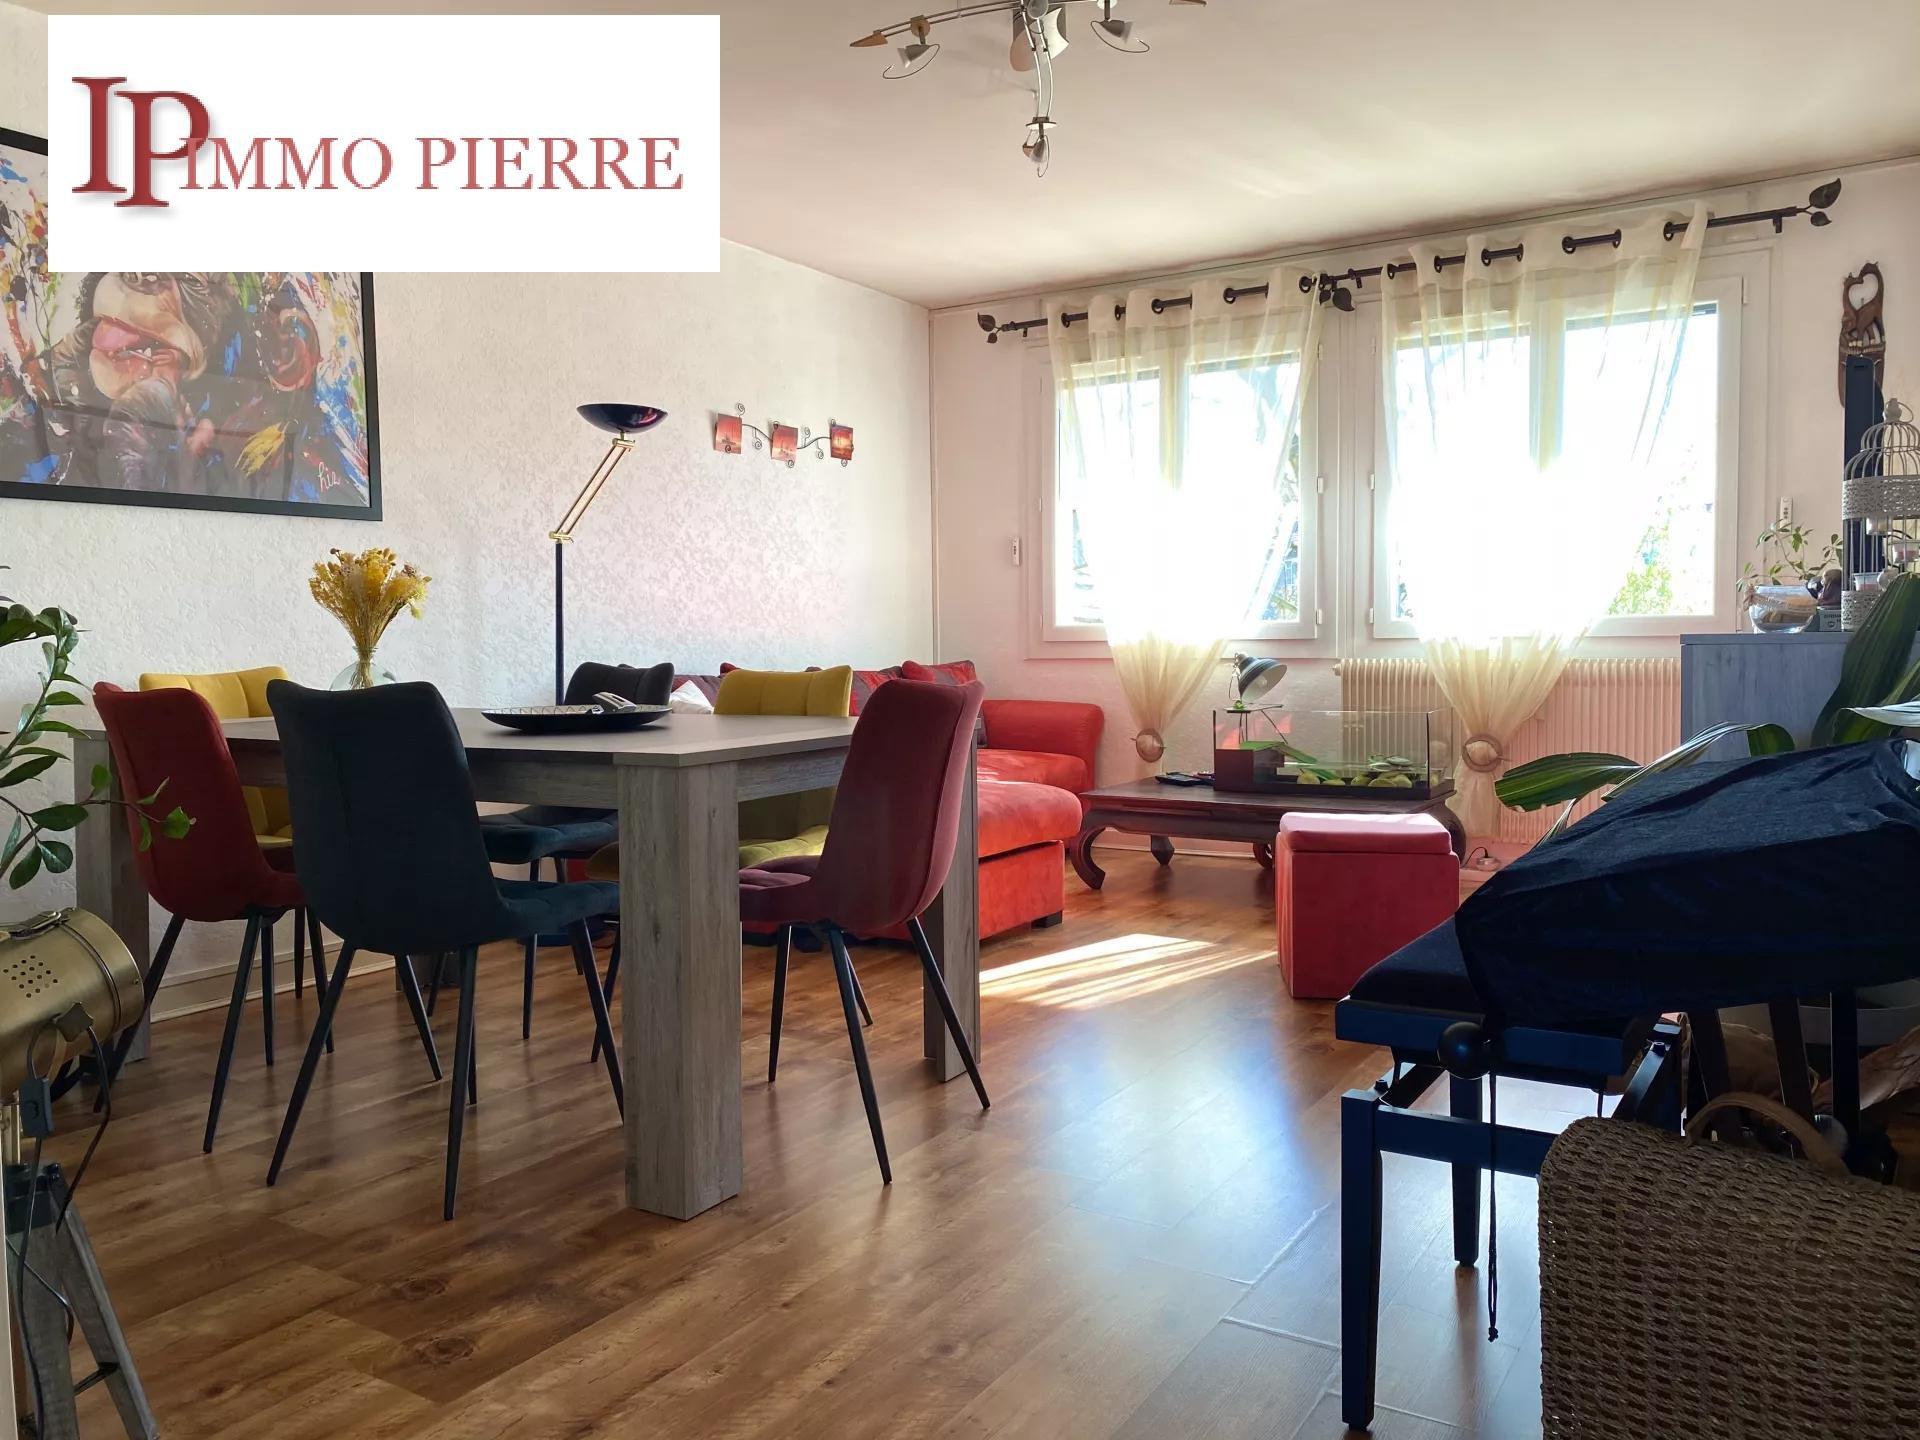 Appartement proche centre ville - T2 - 58m²